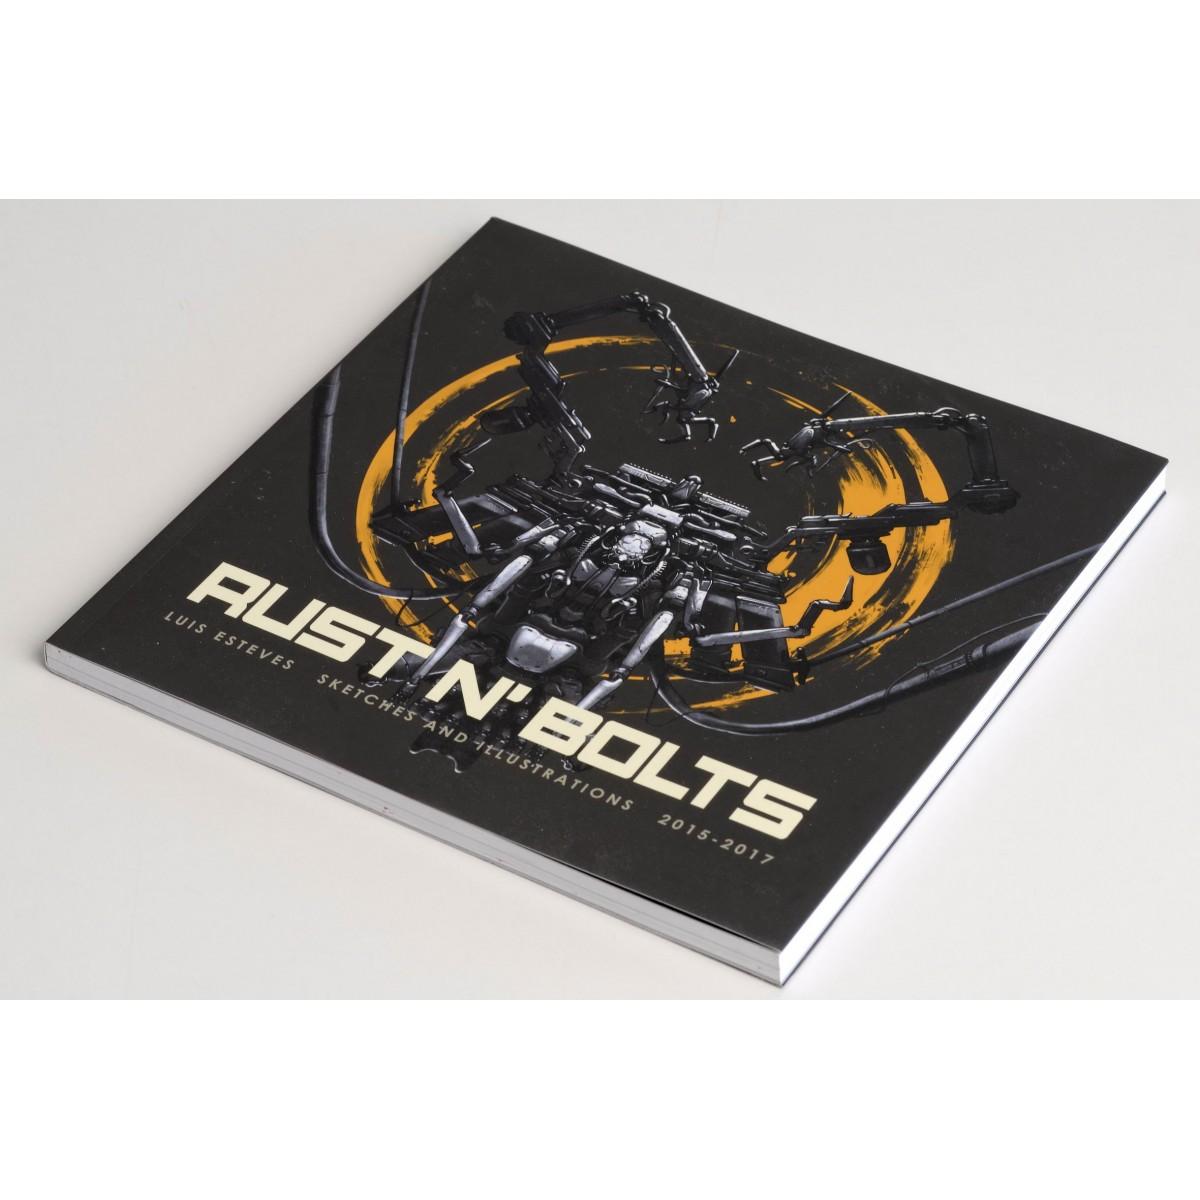 Rust N'Bolts - Luis ESTEVES